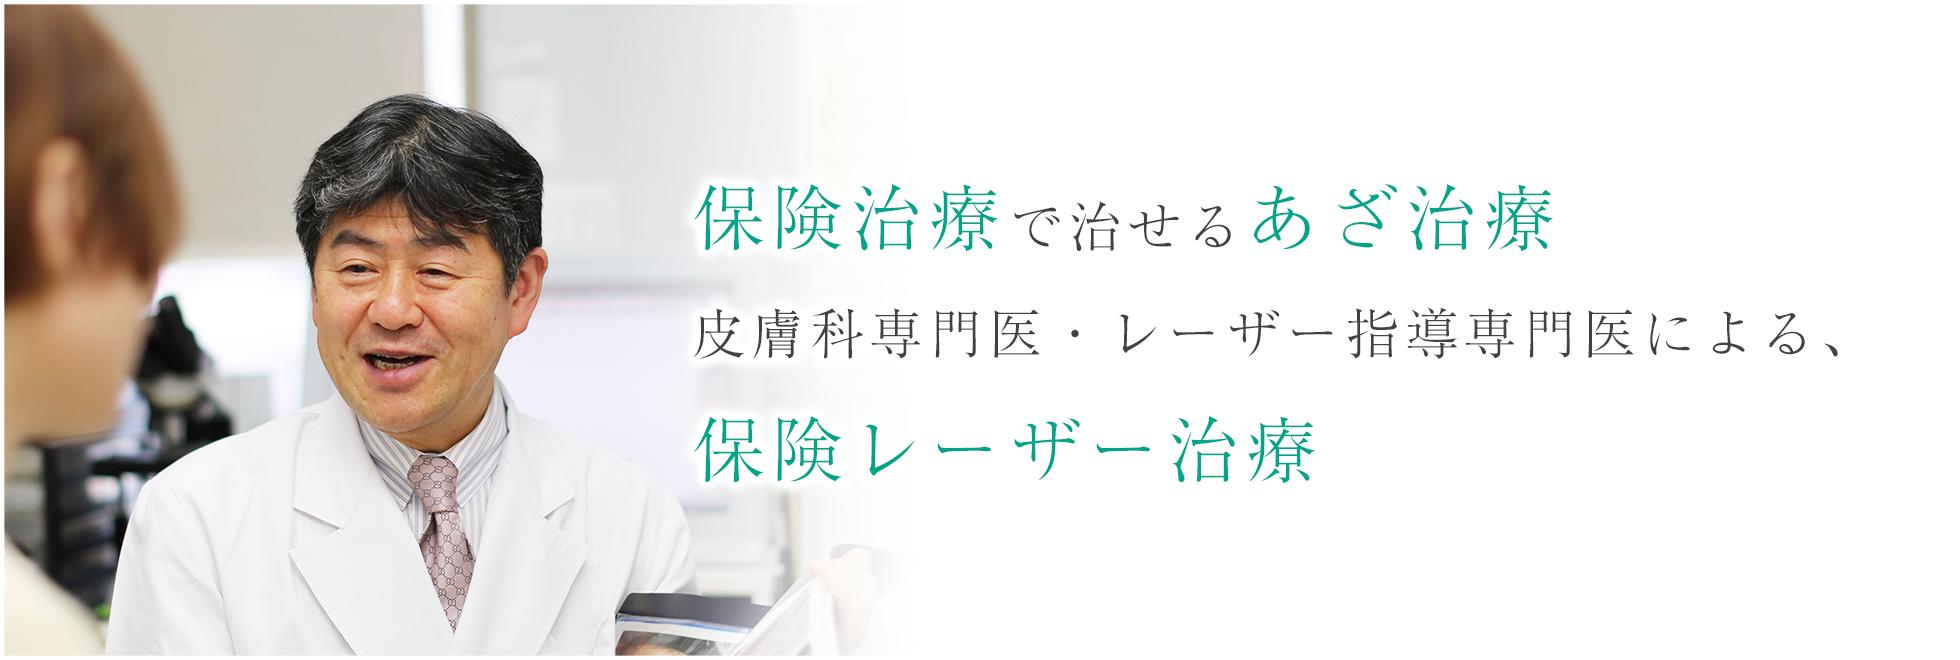 新宿南口皮膚科スライダー